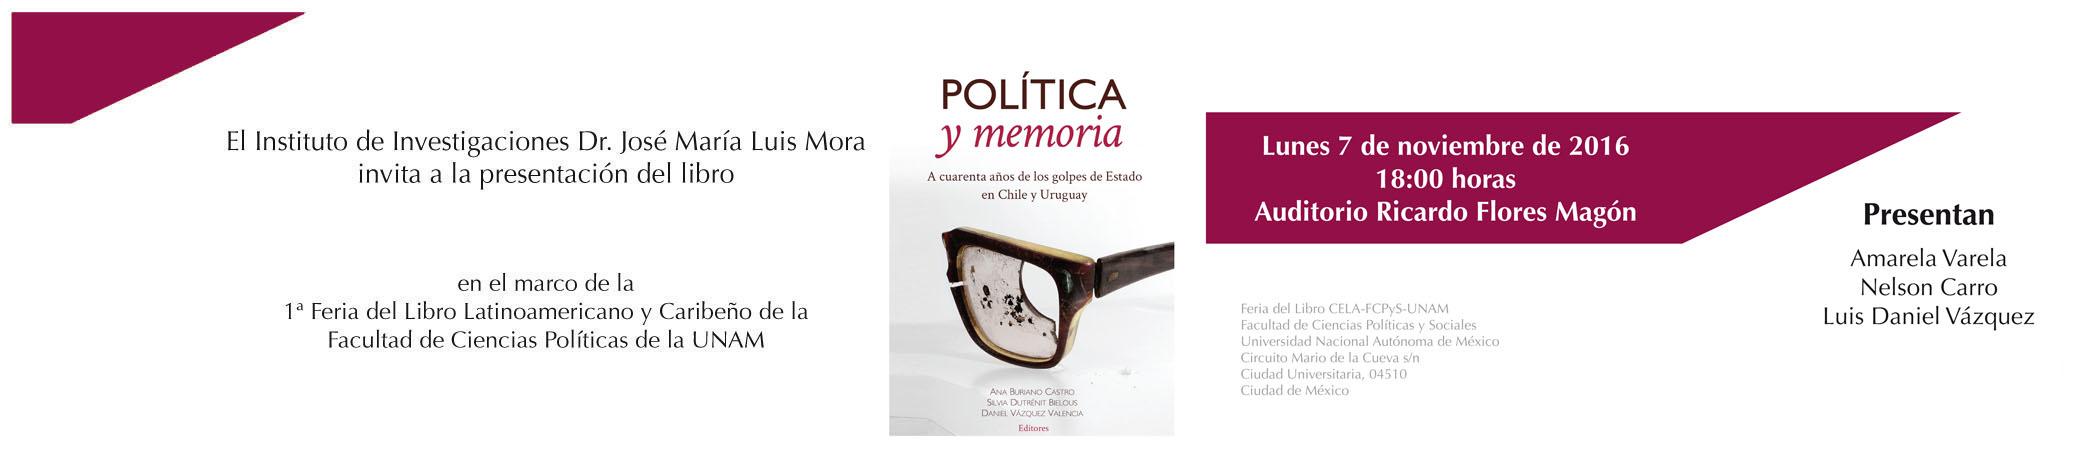 Presentación del libro Política y memoria